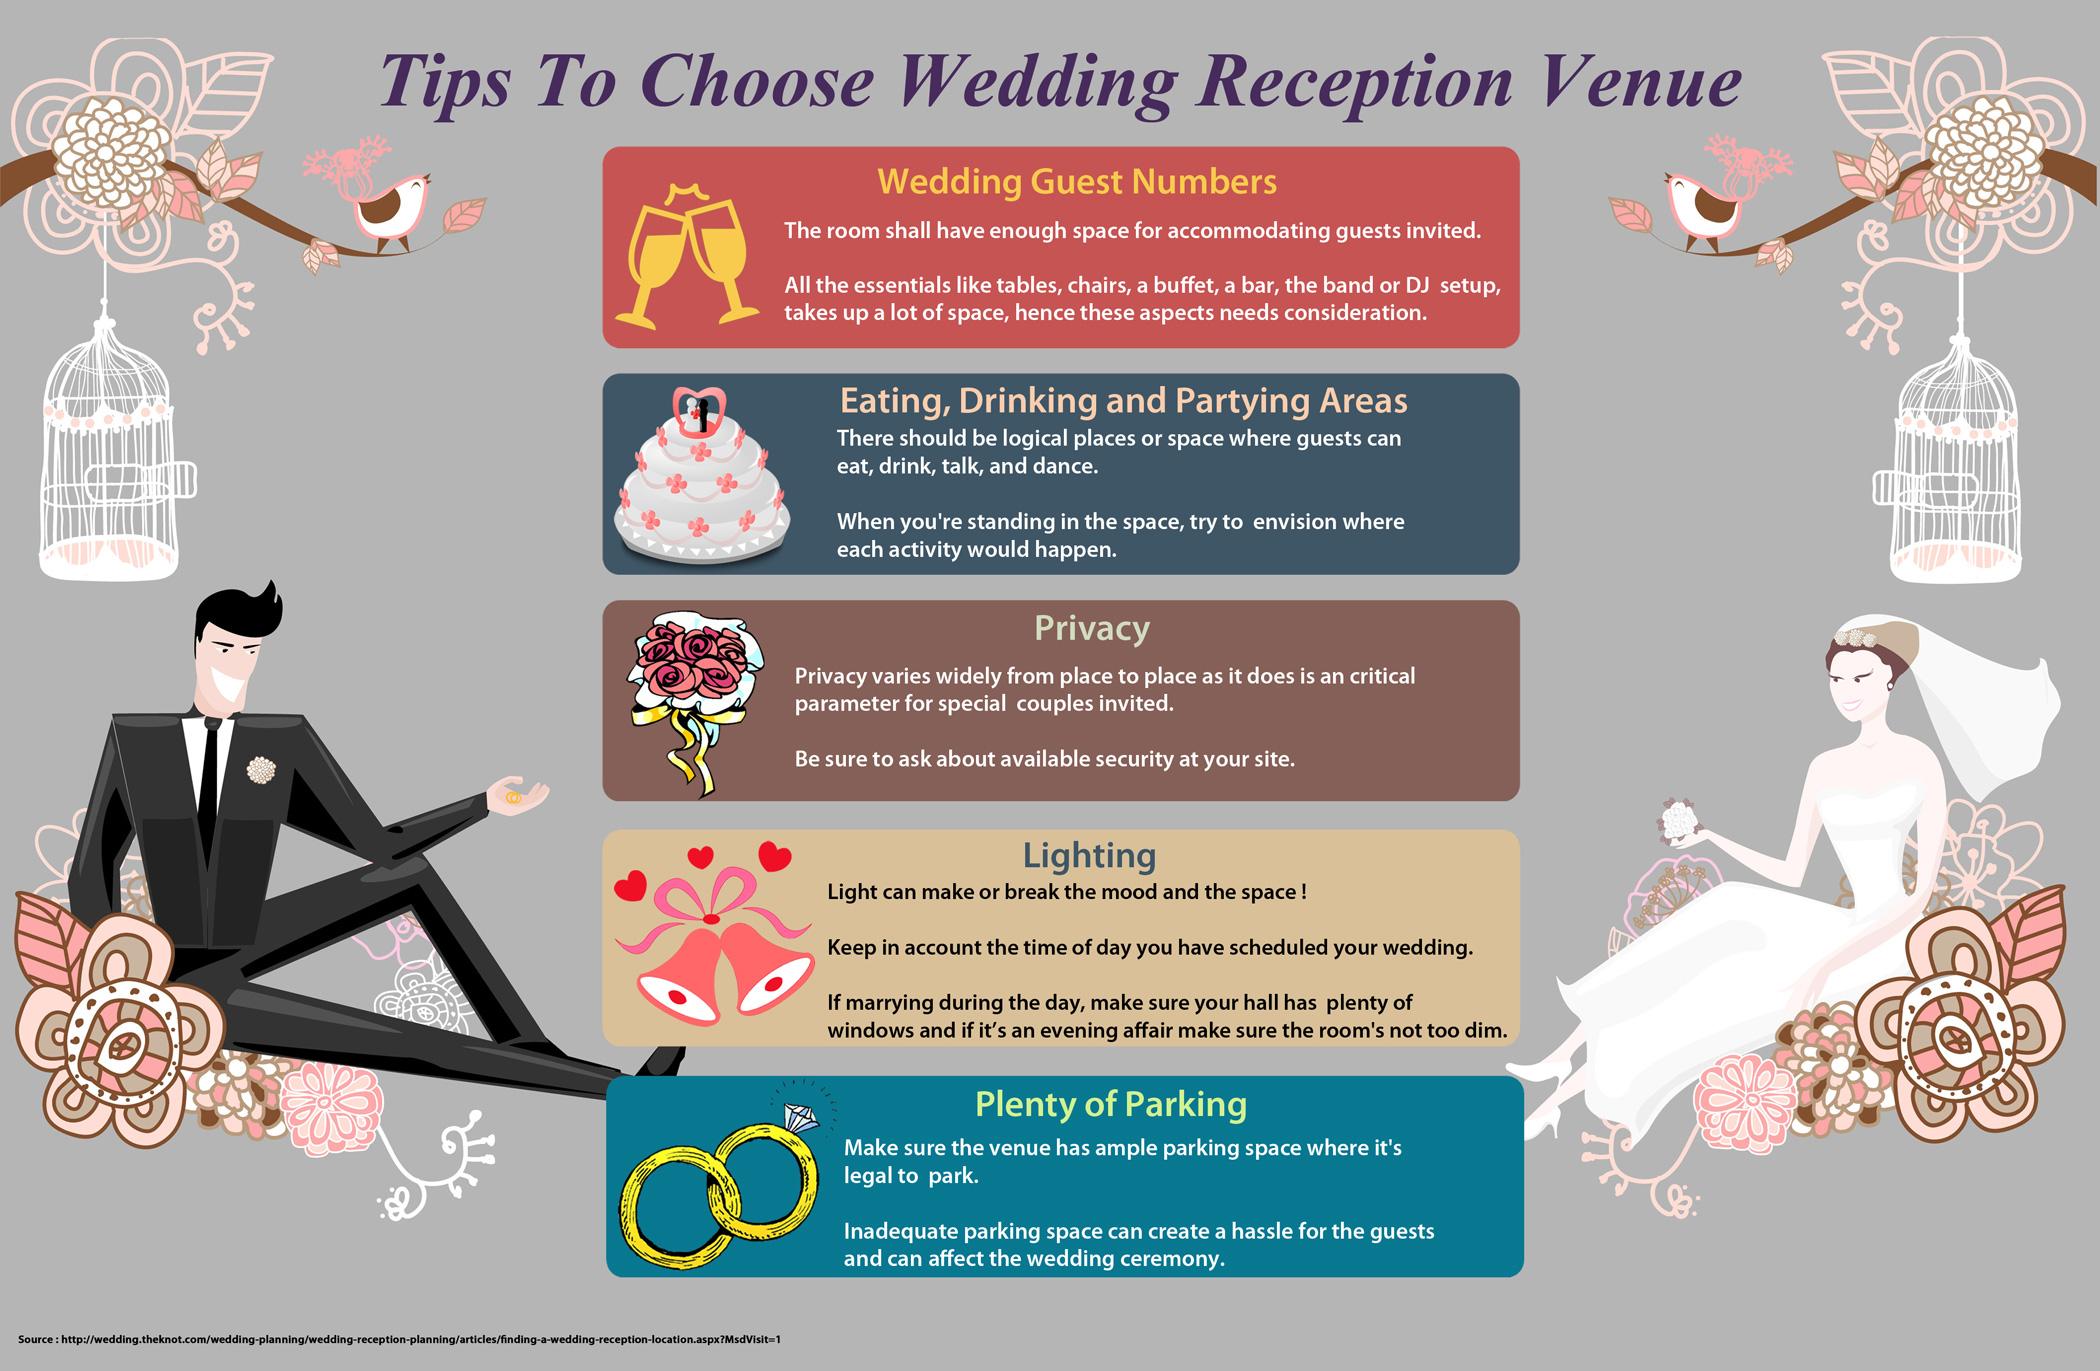 Tips To Choose Wedding reception Venue